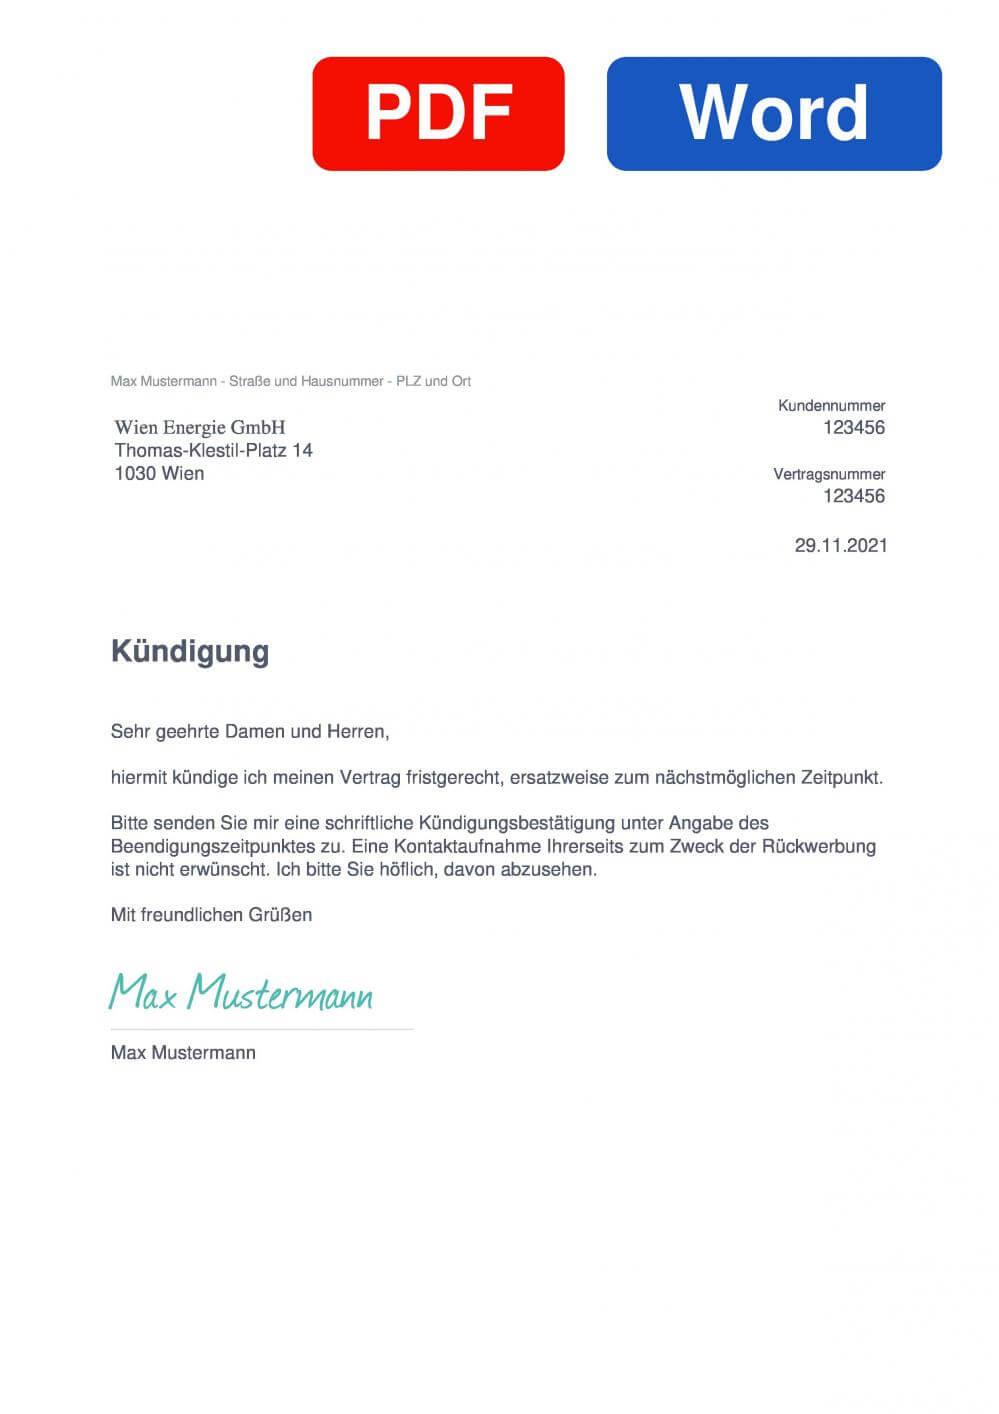 Fernwärme Wien Muster Vorlage für Kündigungsschreiben